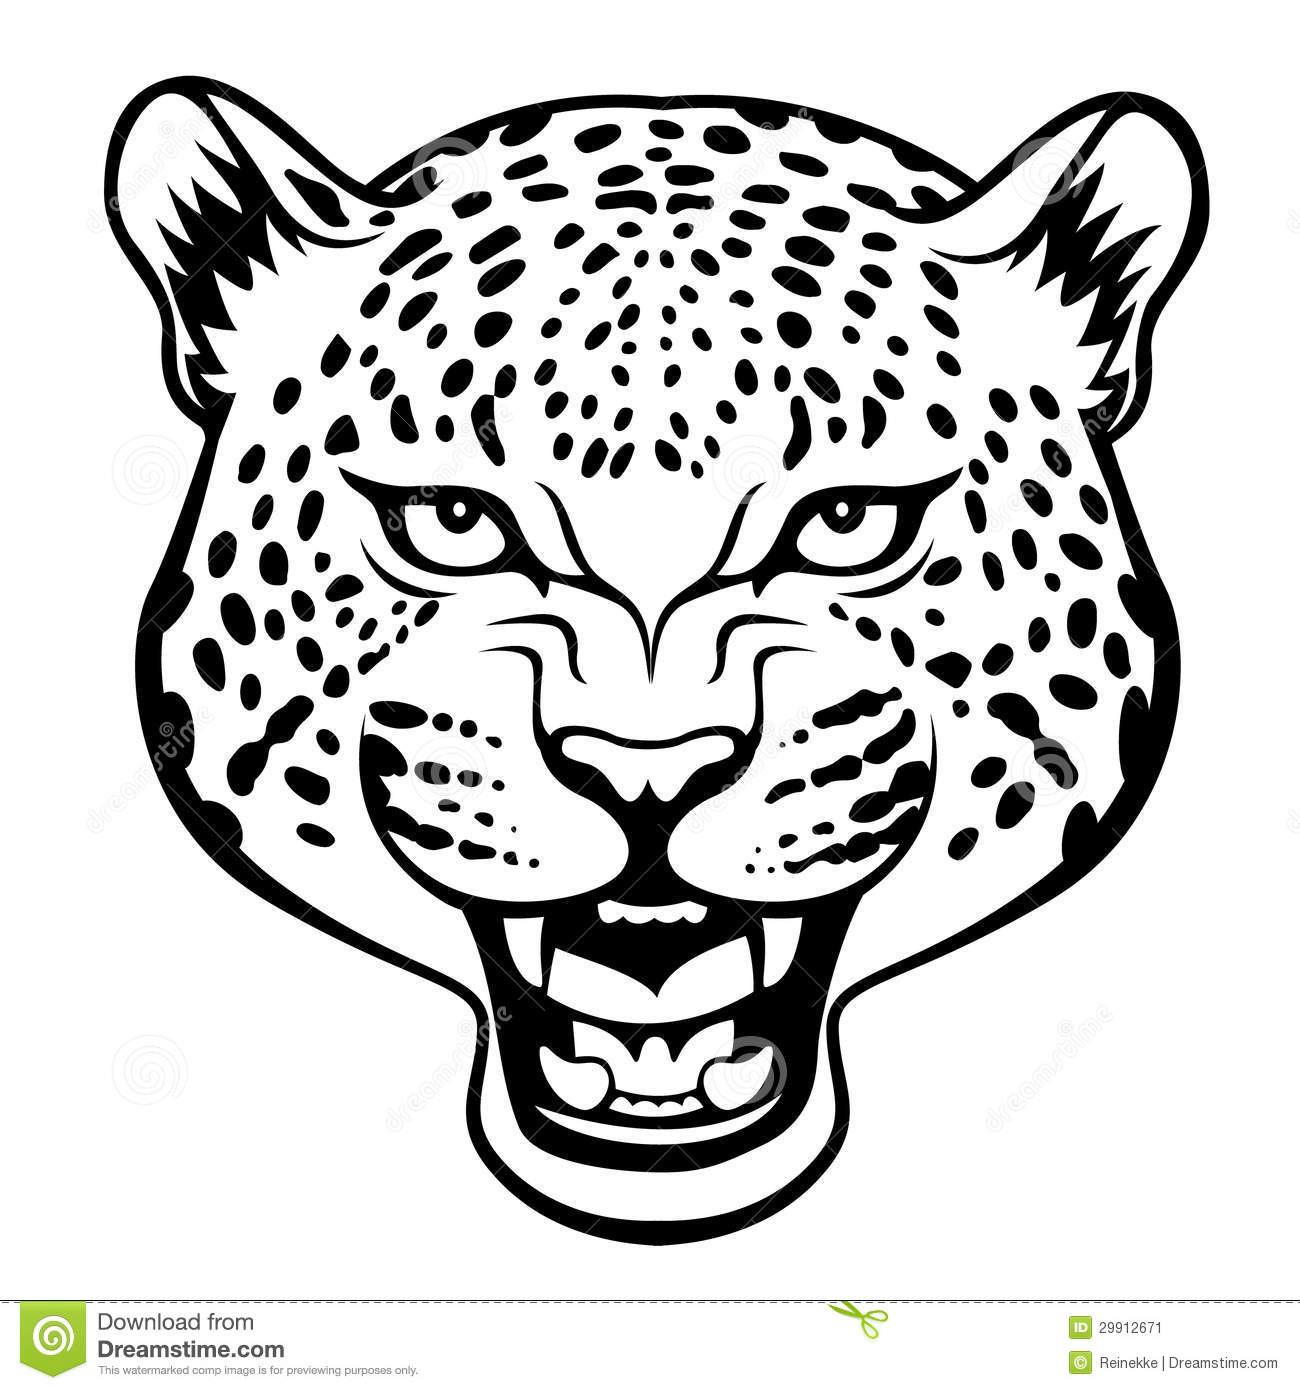 Cheetah clipart leopard, Cheetah leopard Transparent FREE